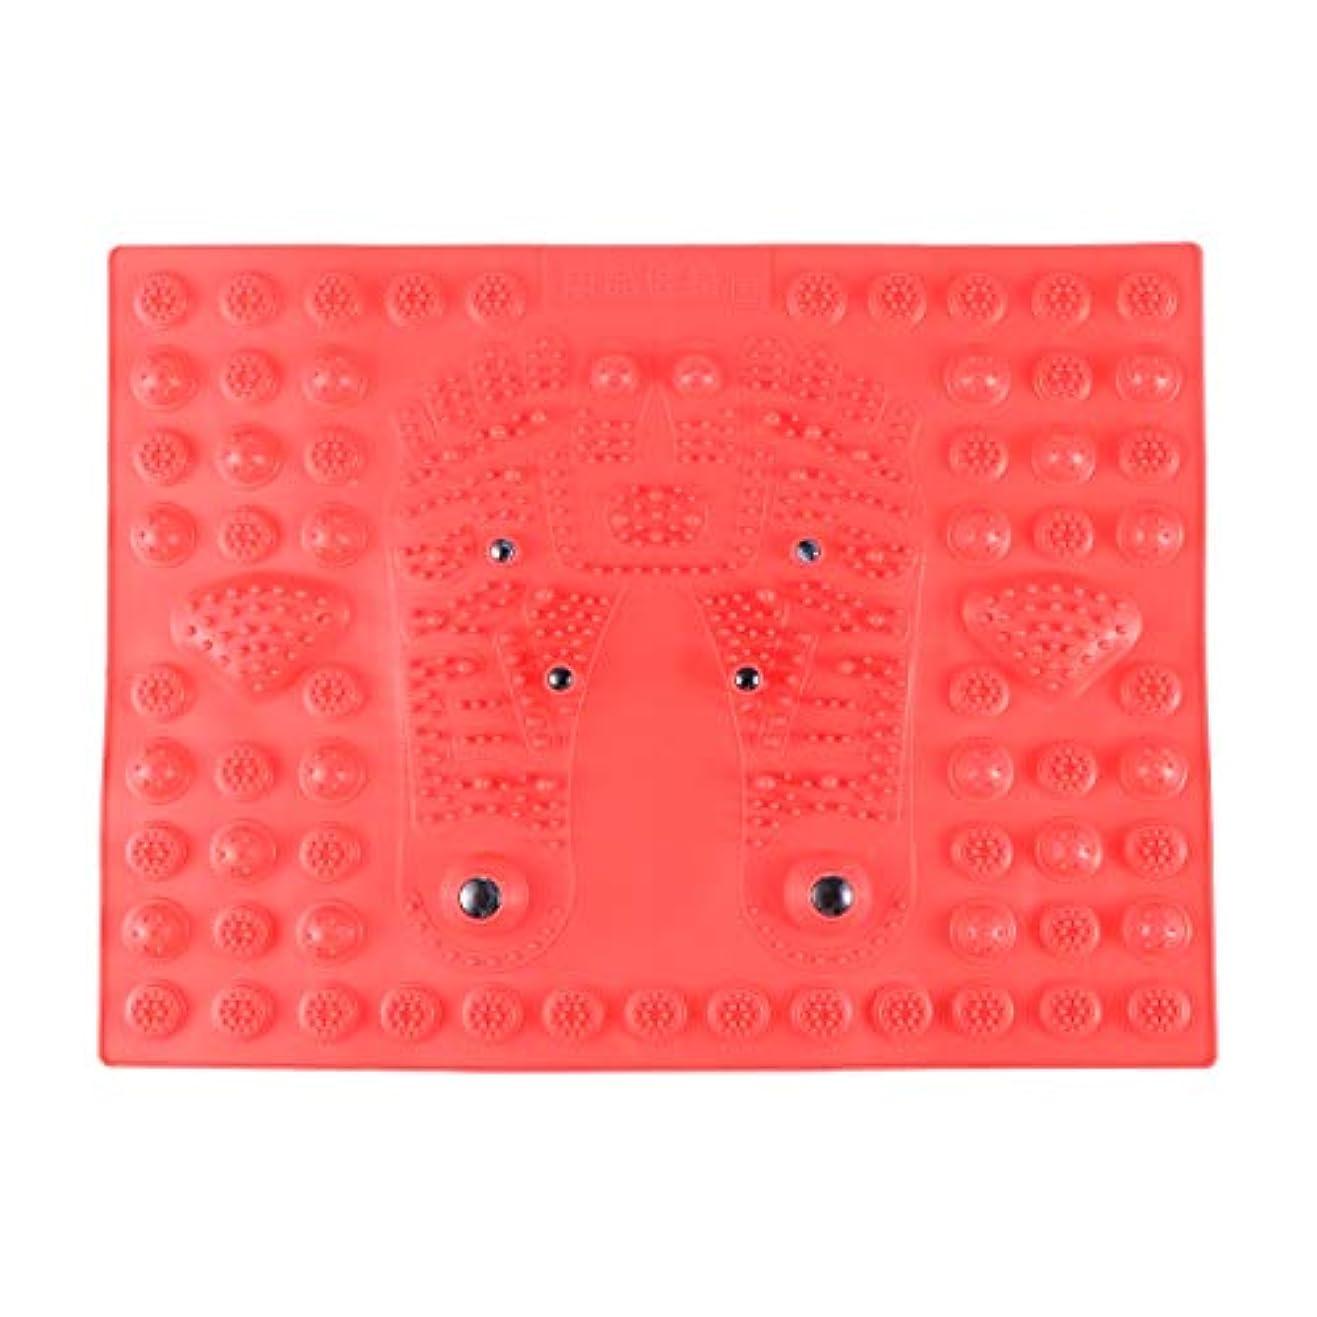 スリップリング大Healifty 指圧フットマットフット磁気療法マッサージャーガーデンマッサージパッド(レッド)